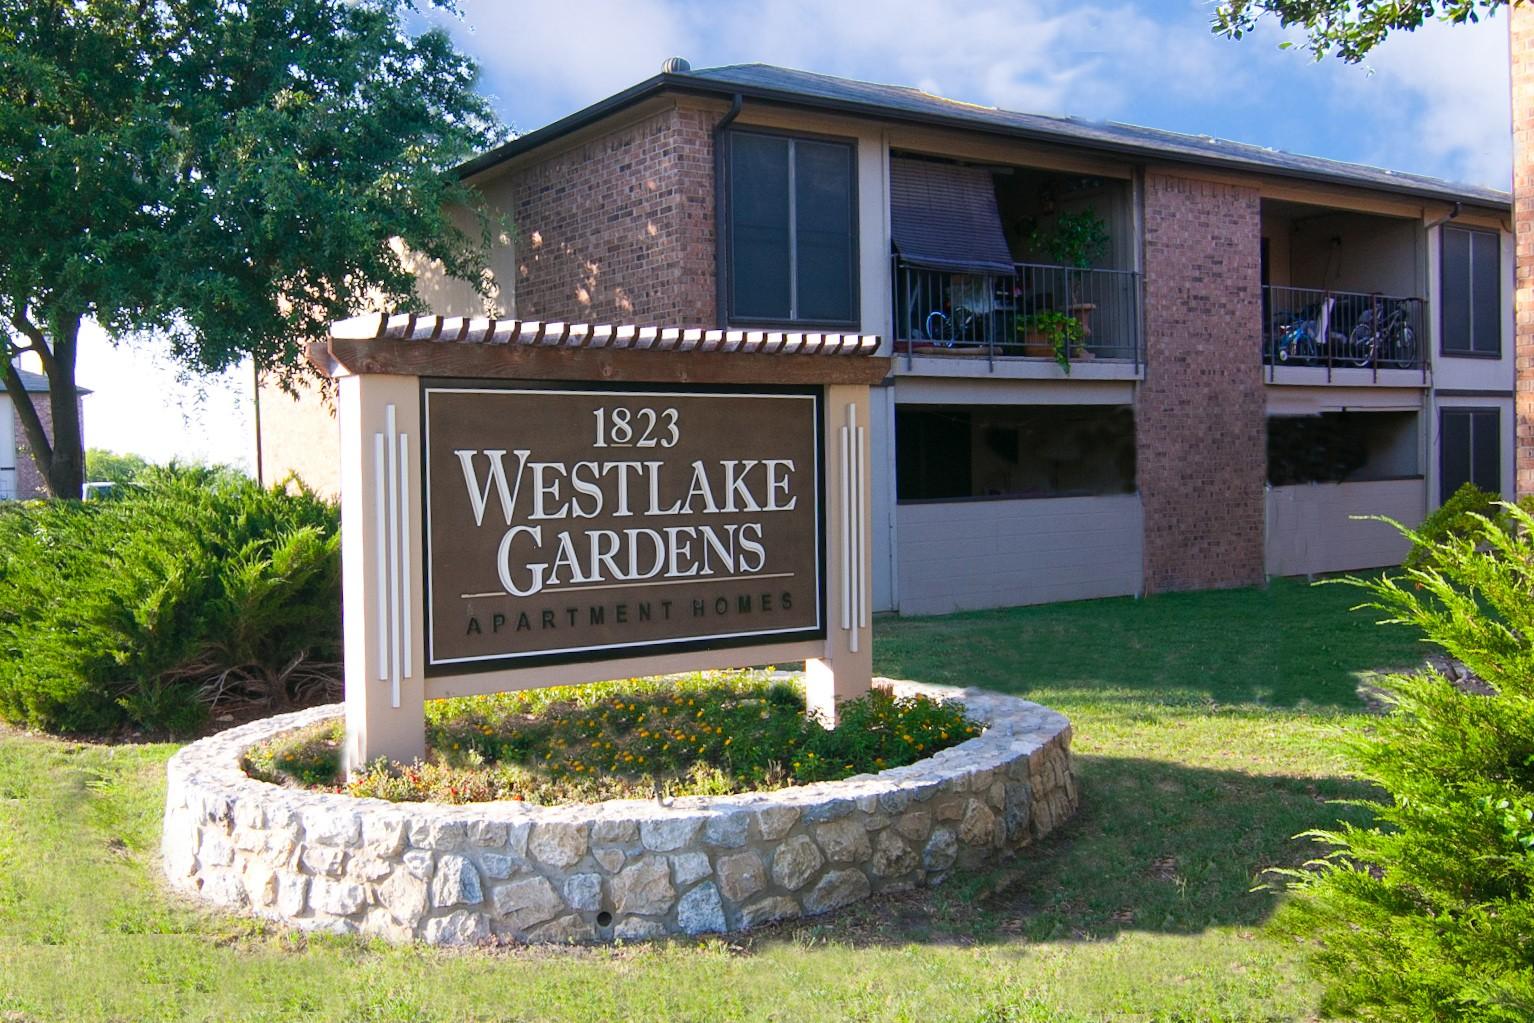 Westlake Gardens